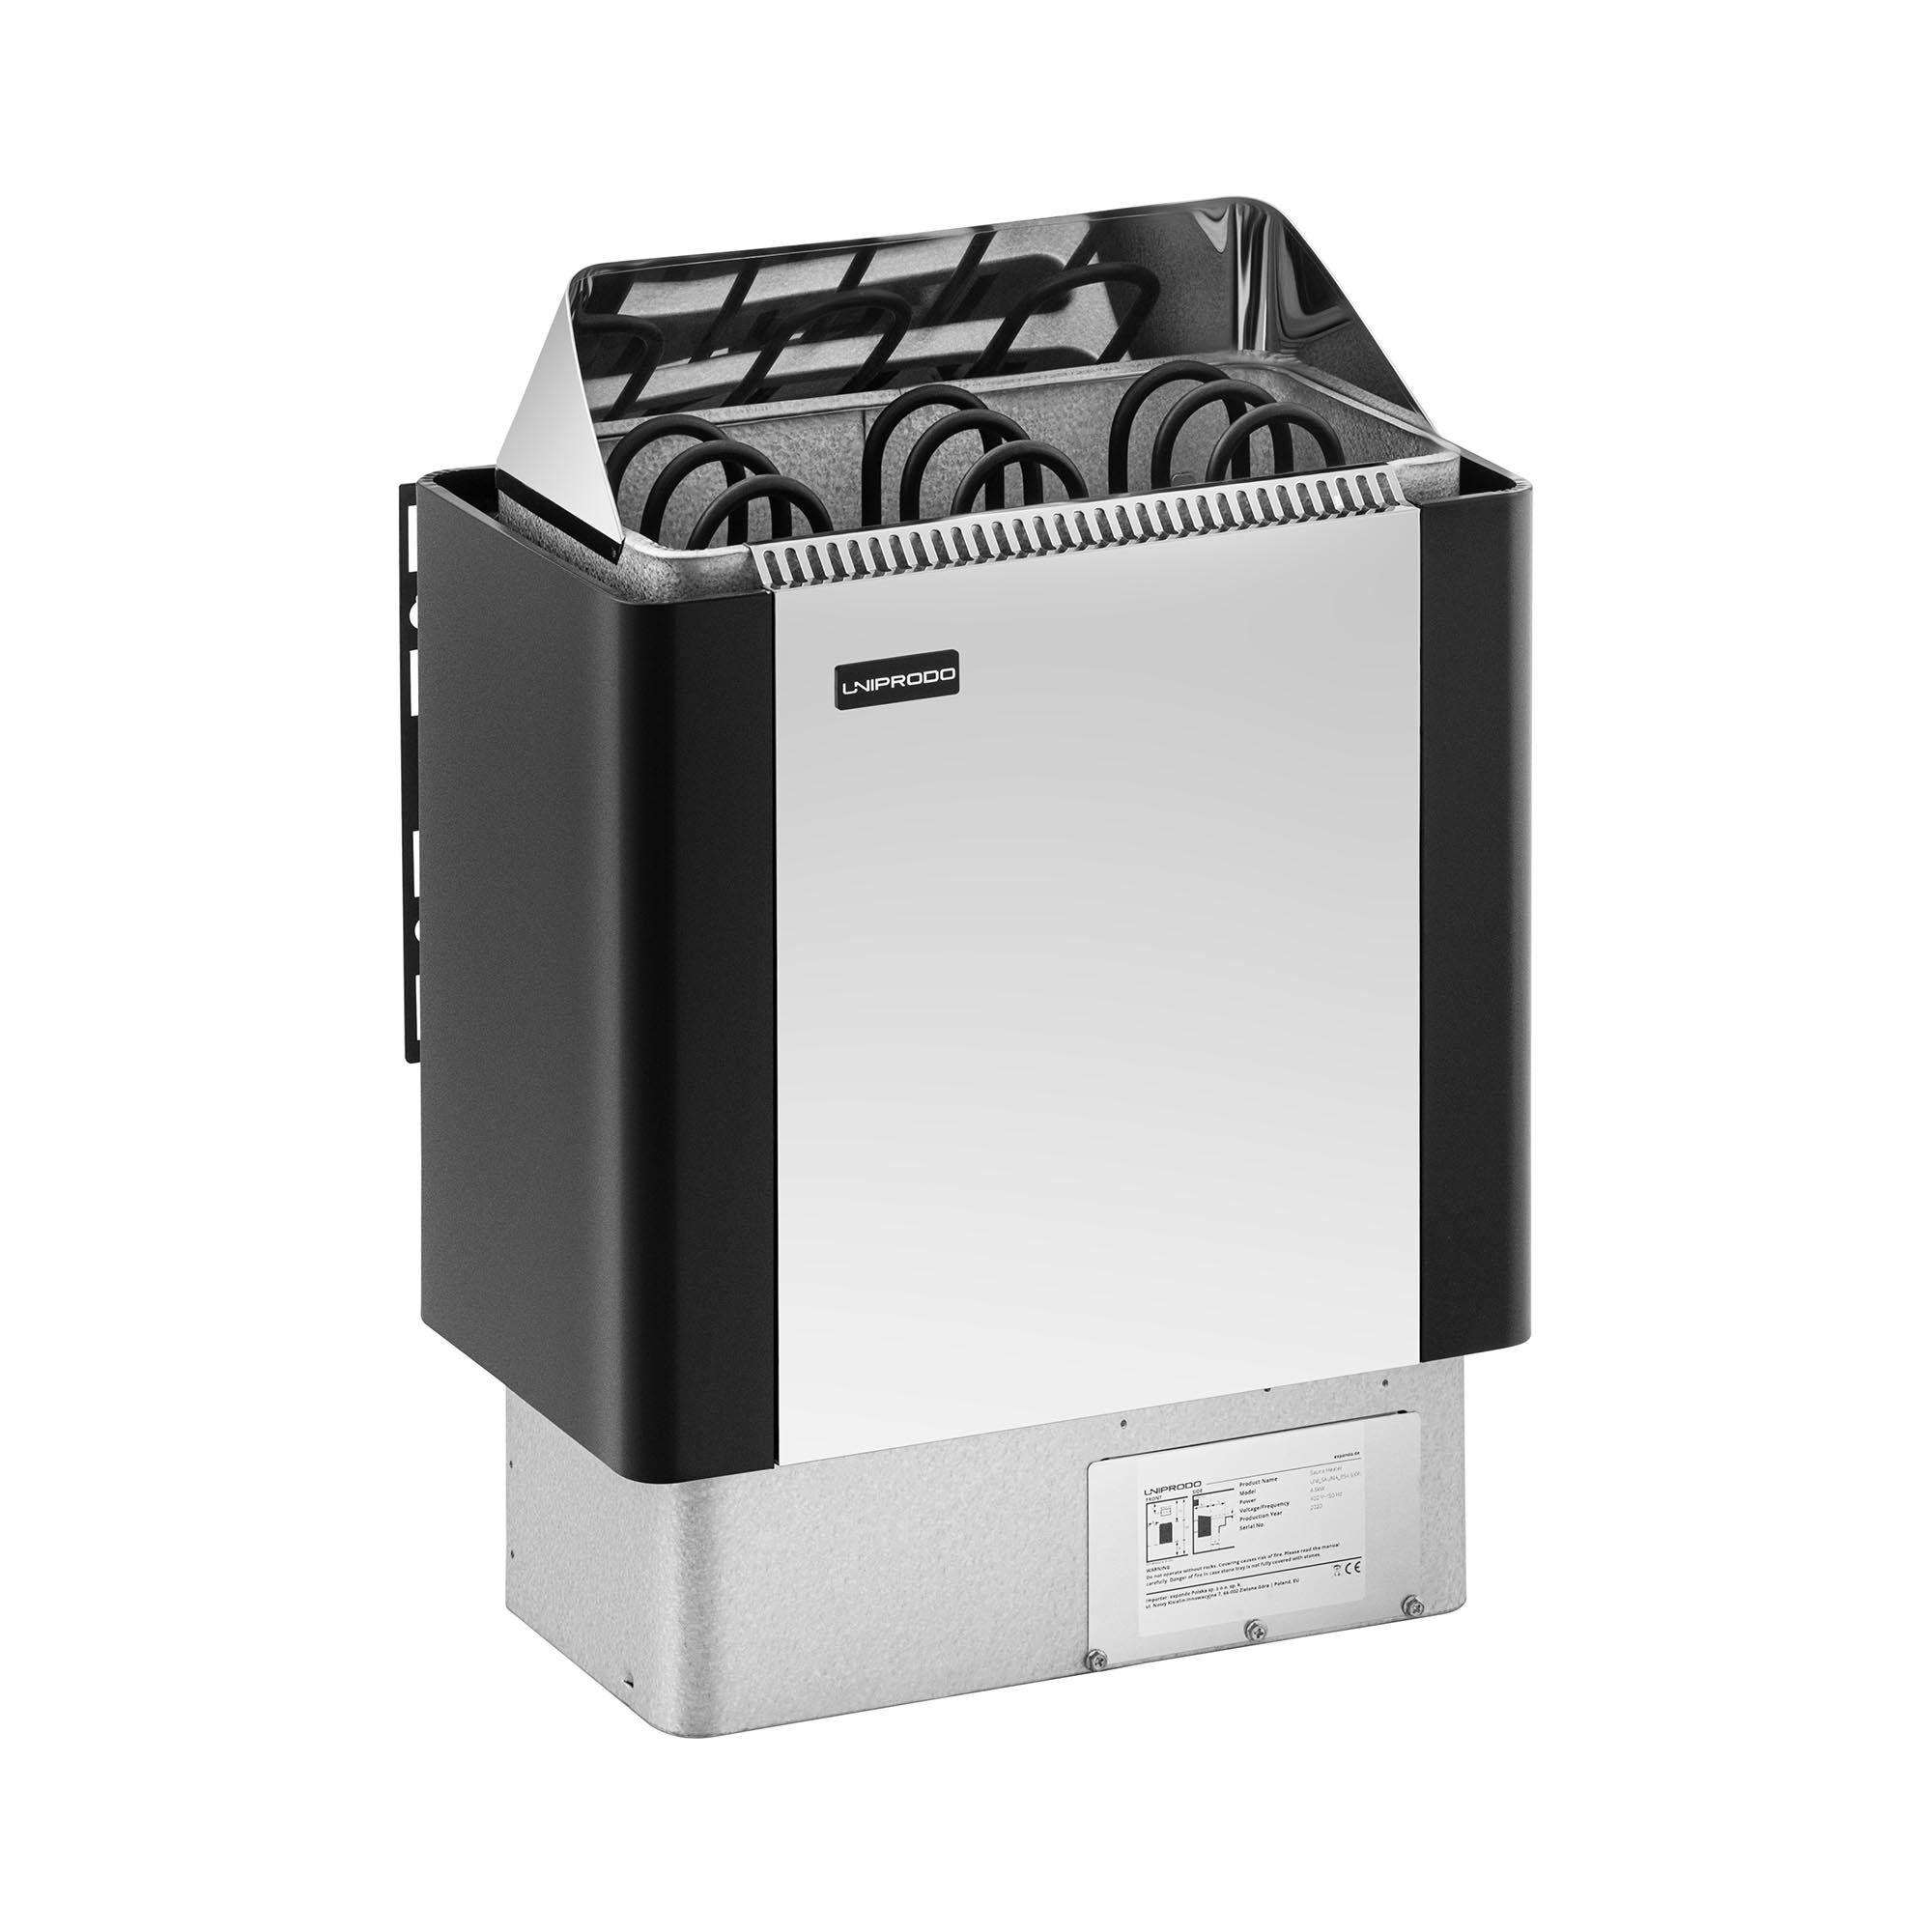 Uniprodo Poêle pour sauna - 4,5 kW - 30 à 110 °C - Enveloppe en inox UNI_SAUNA_BS4.5KW